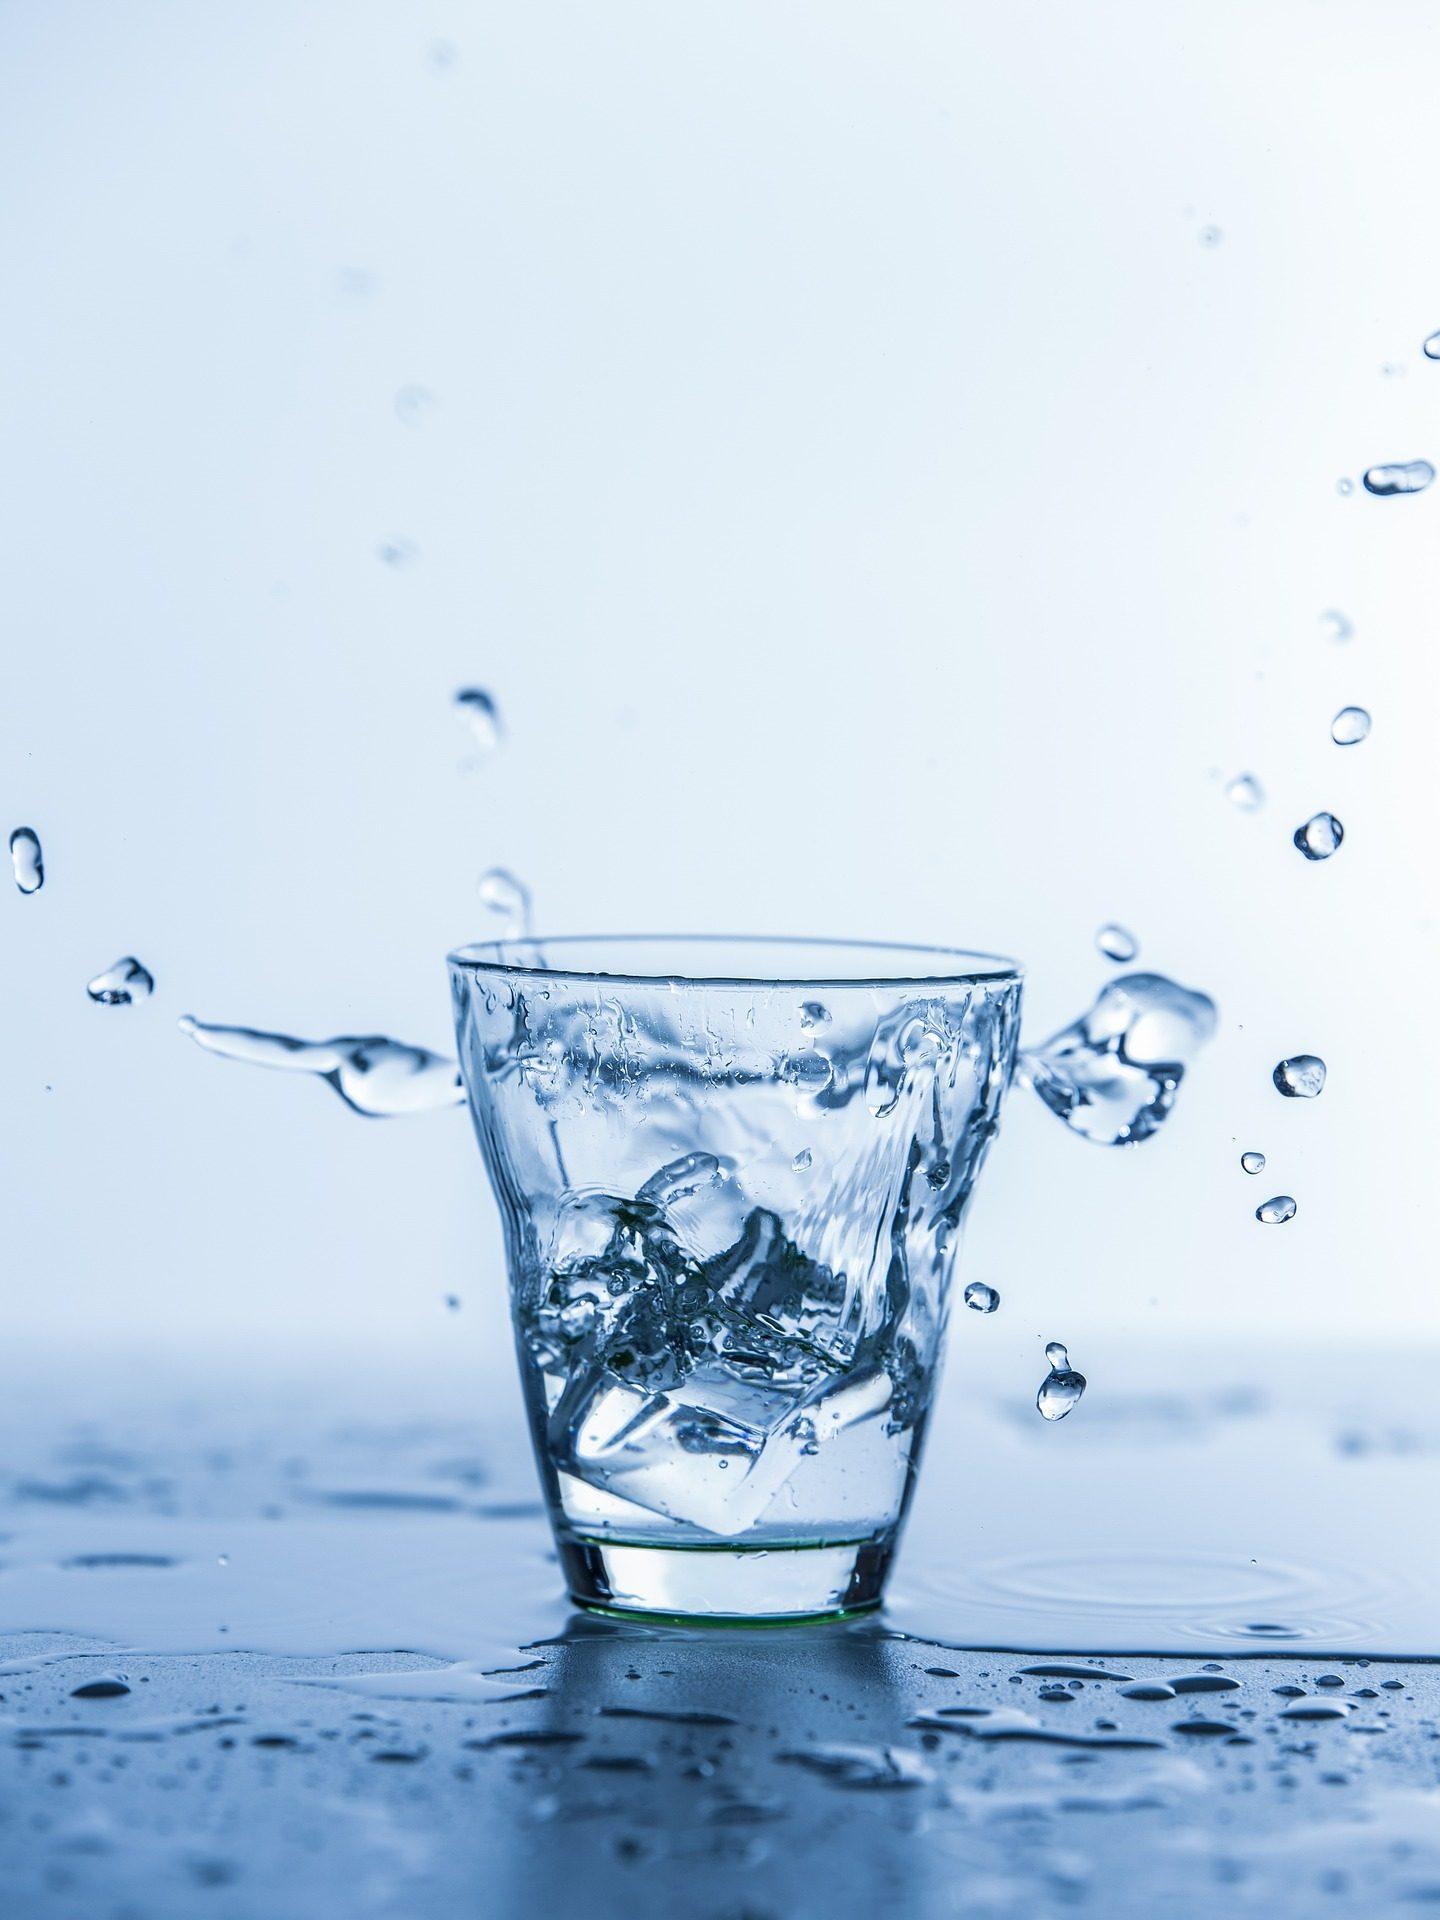 玻璃, 水, 冰, 滴眼液, 飞溅, 湿法 - 高清壁纸 - 教授-falken.com